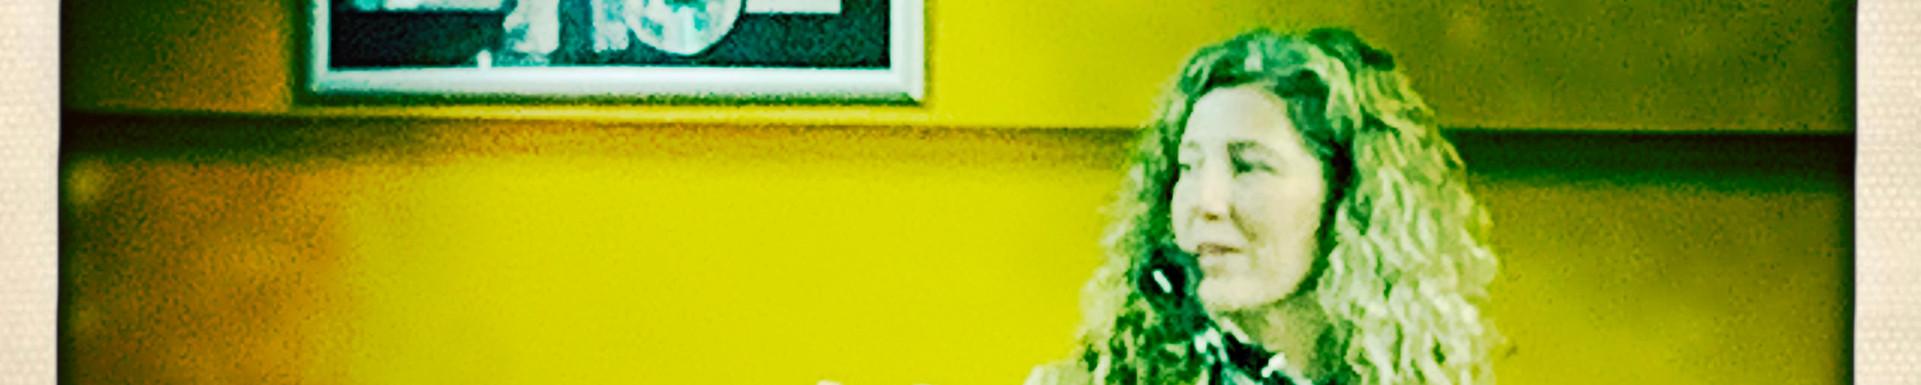 Susan Briante. 12 Nothing jpg copy.jpg